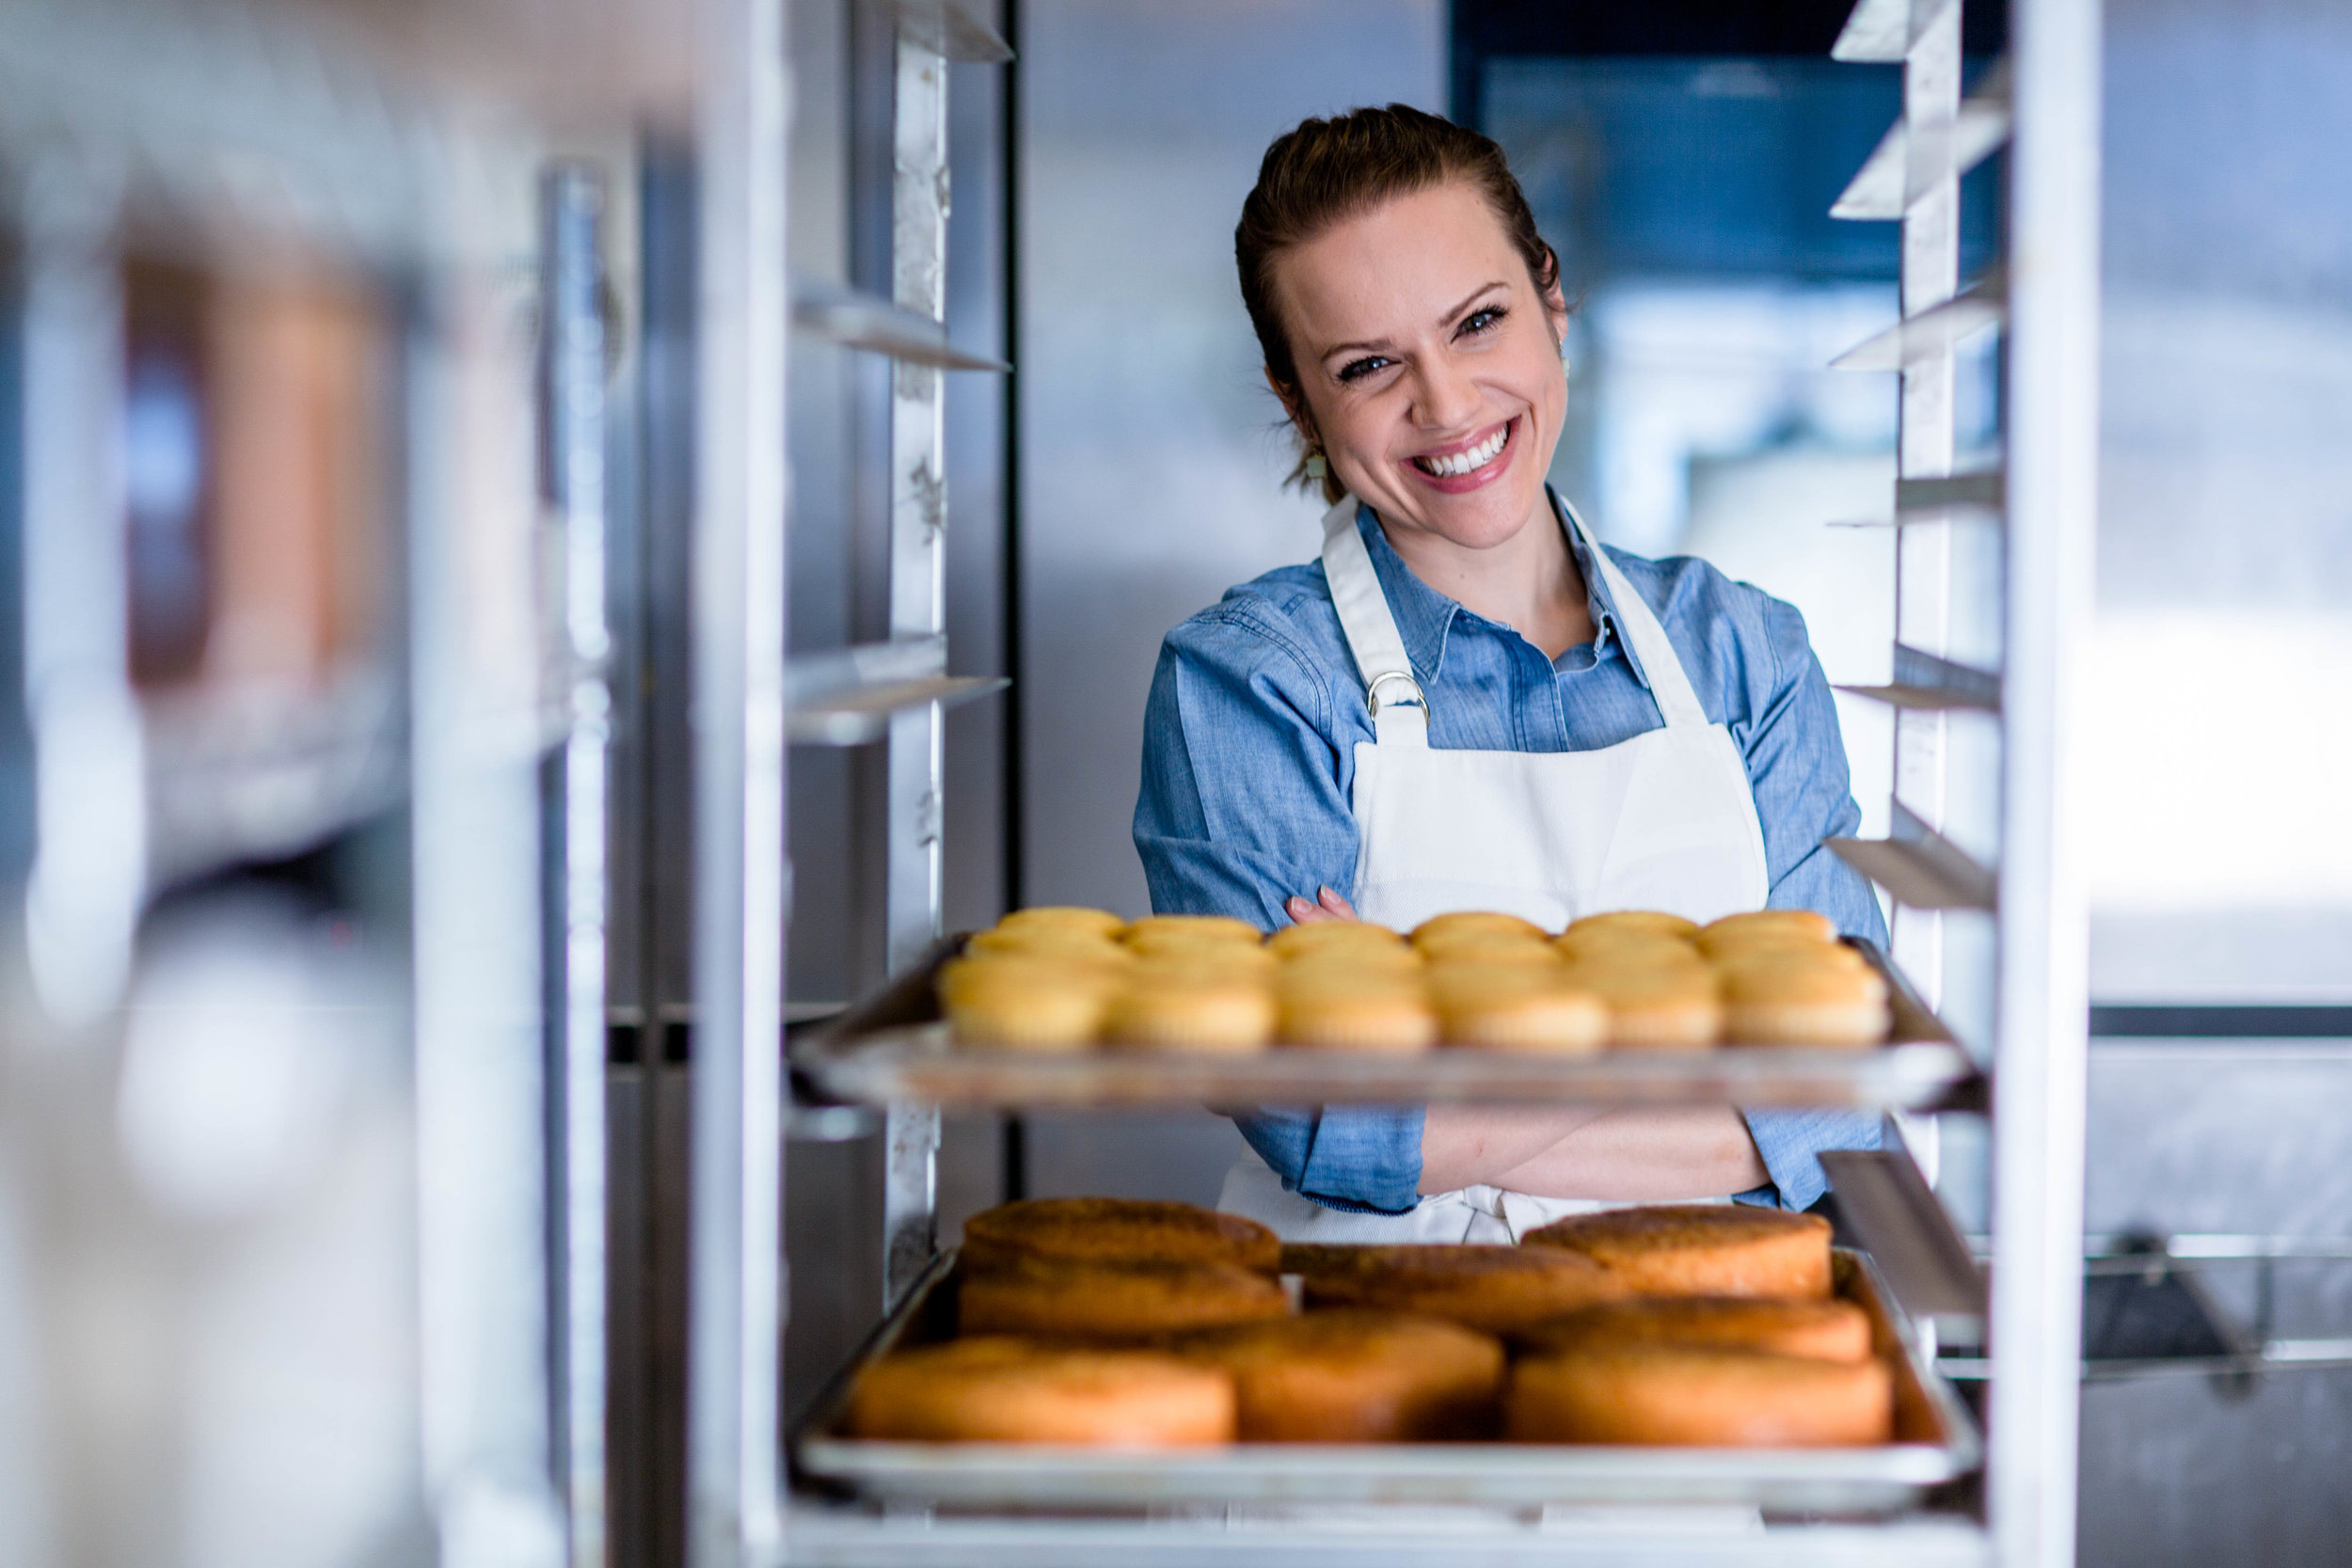 bakery---11286jpg_33614979510_o.jpg